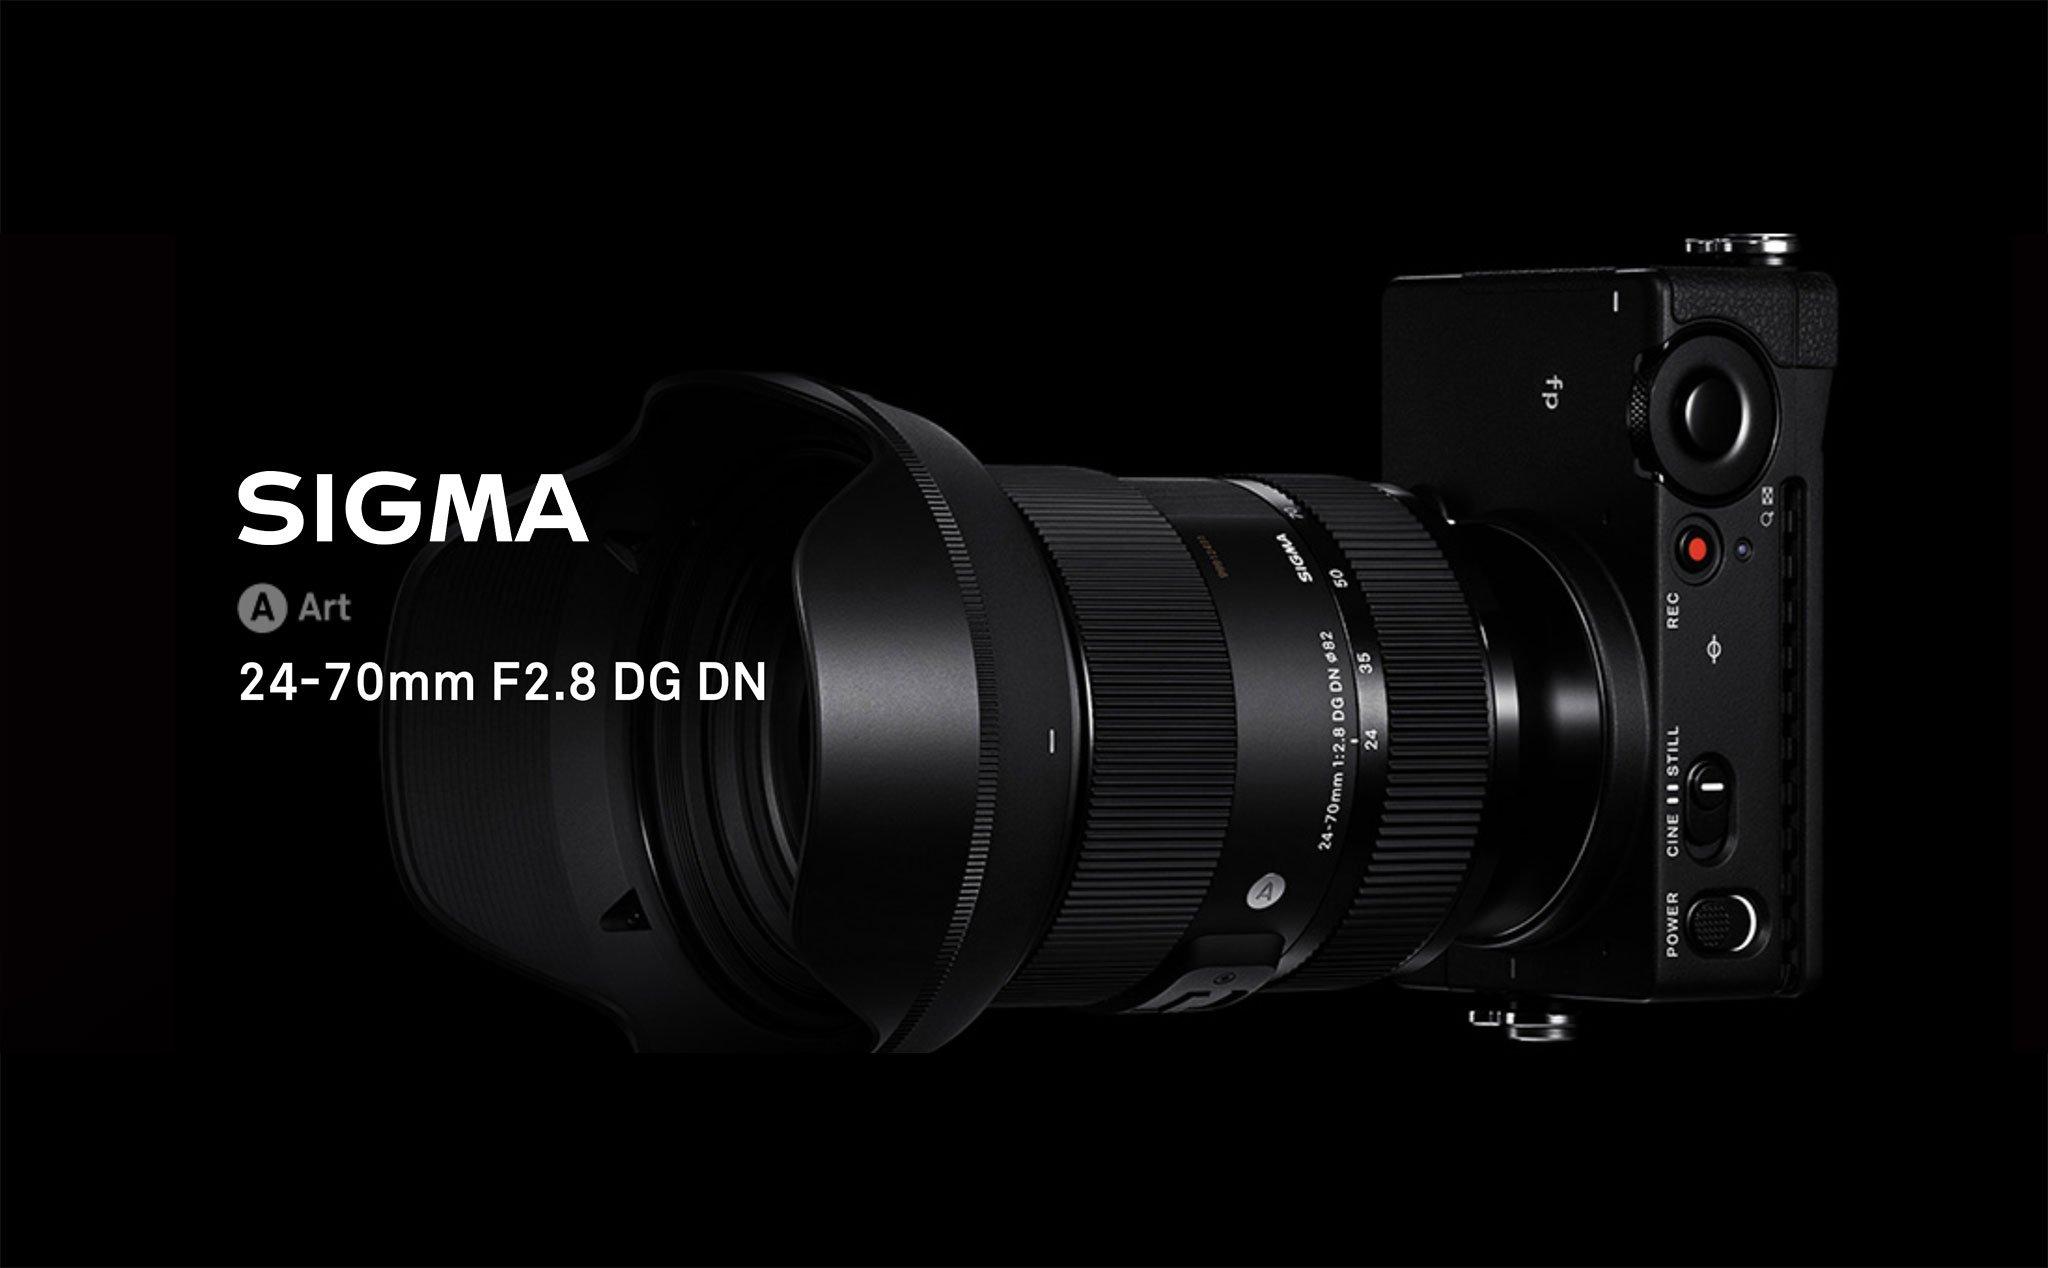 Sigma công bố ống kính 24-70mm F2.8 DG DN Art cho Sony E-mount và liên minh máy ảnh ngàm L-mount